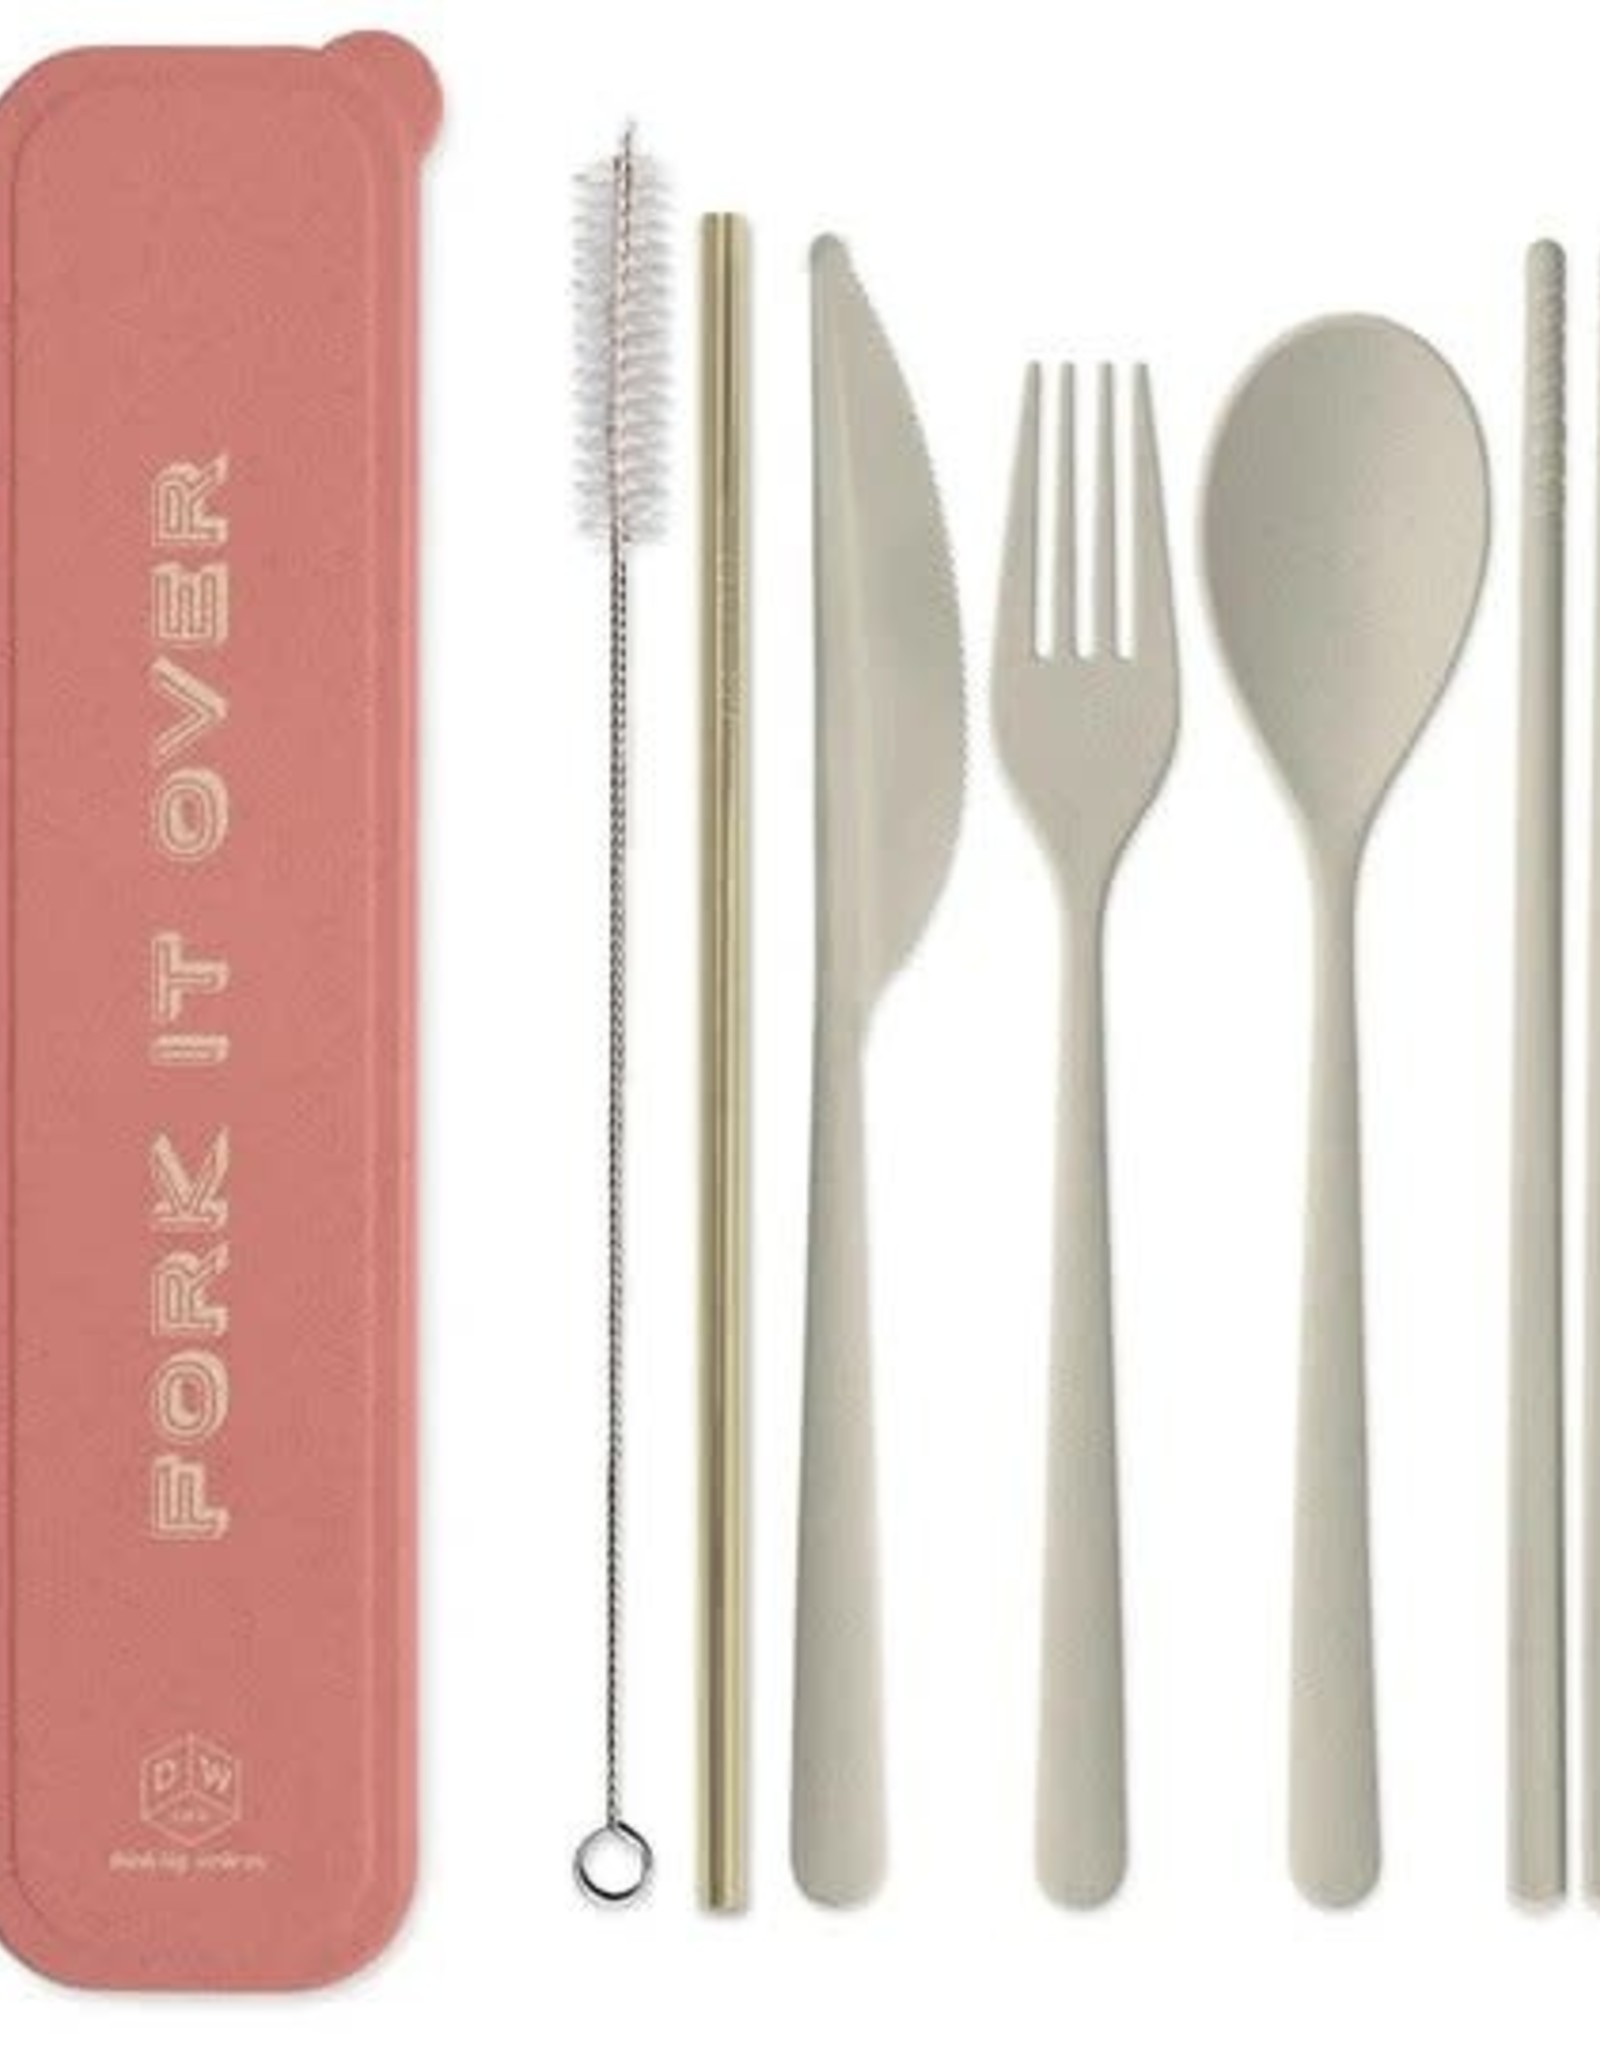 Designworks Ink ''Fork it Over'' Portable Flatware set w/Gold Straw - Coral